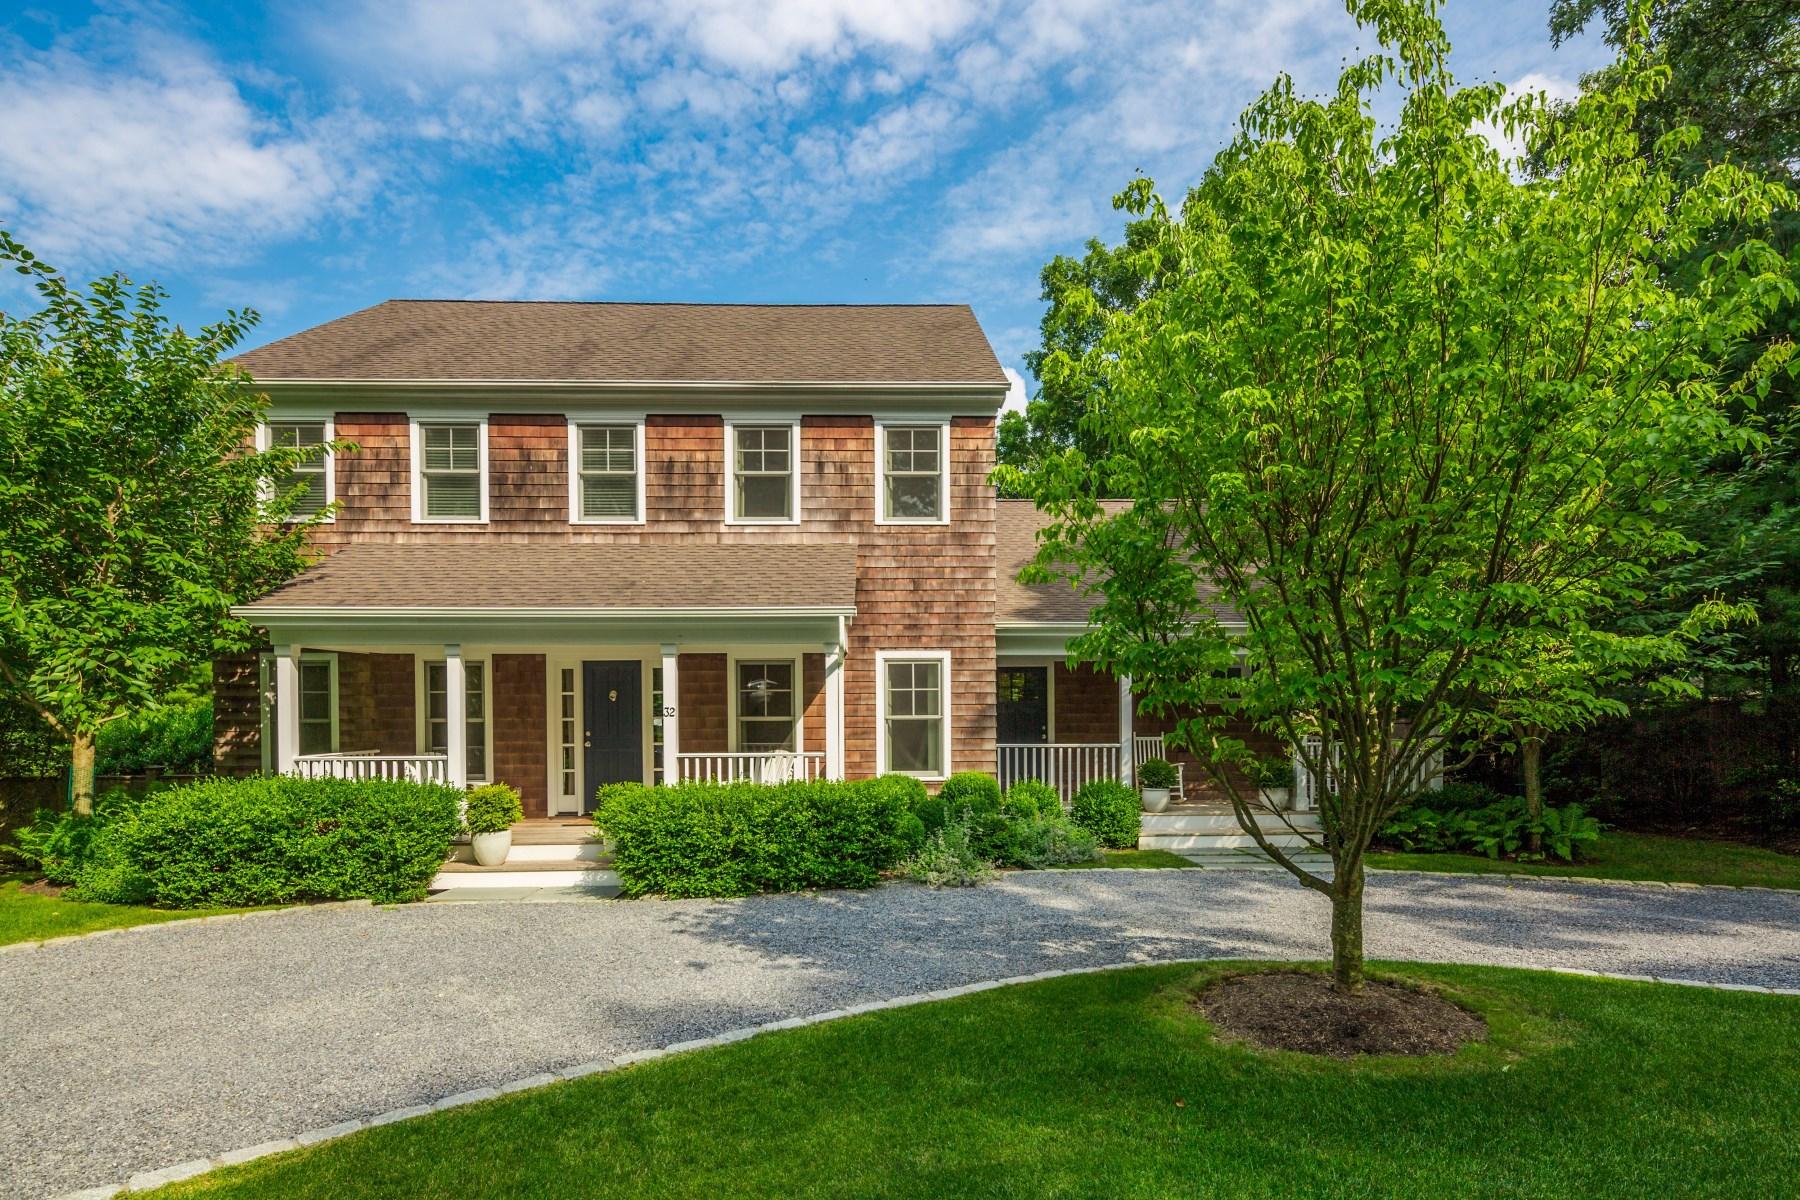 단독 가정 주택 용 매매 에 Shingled Designer Cottage 32 Milina Dr, East Hampton, 뉴욕, 11937 미국